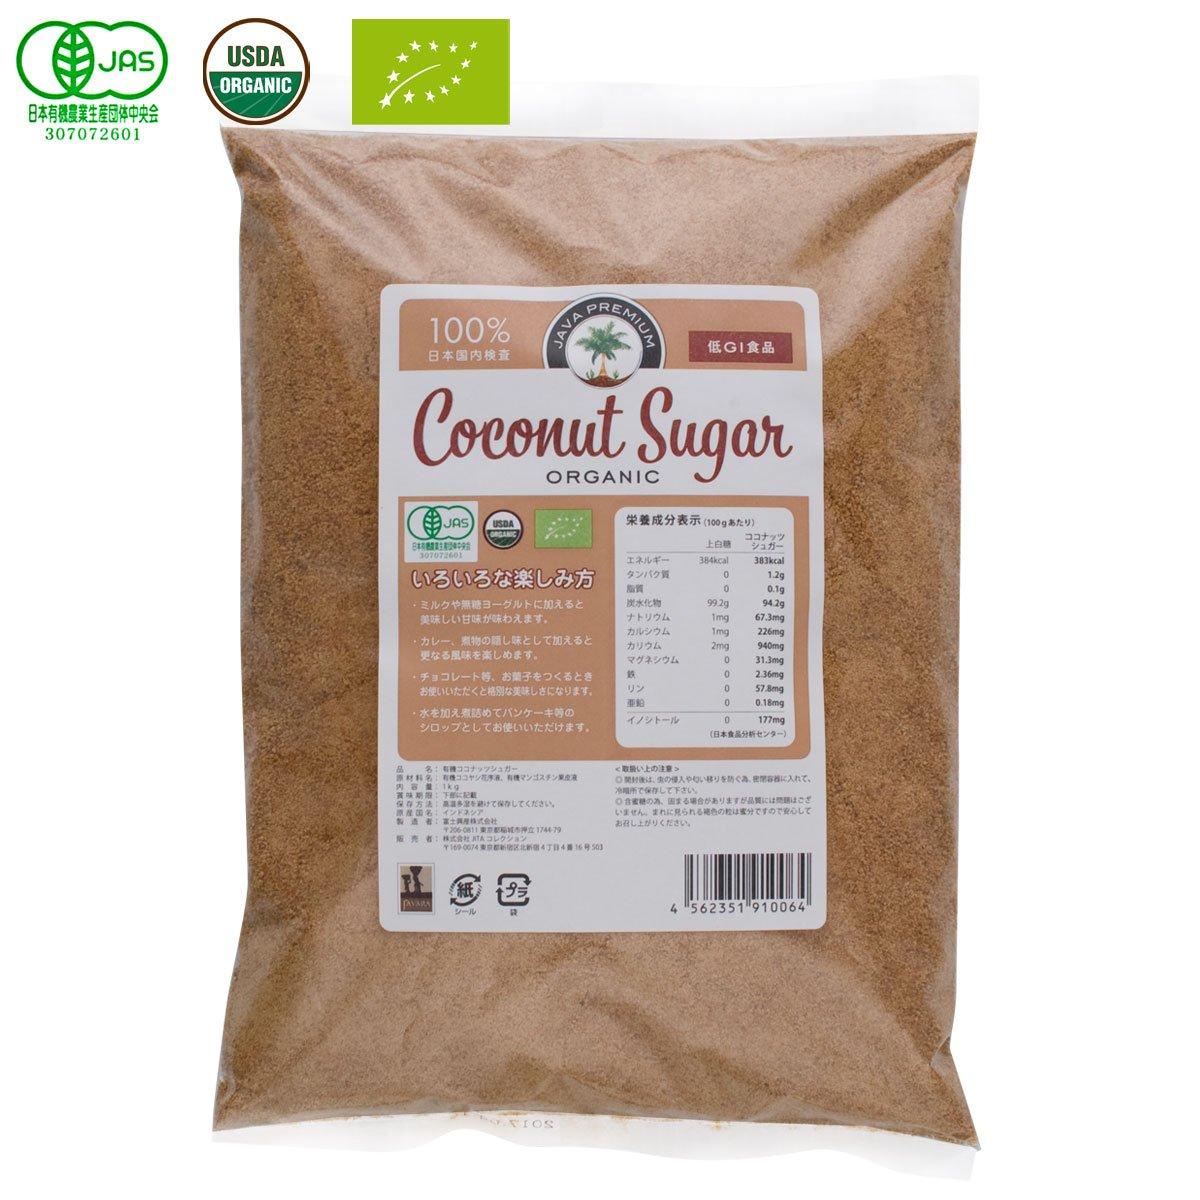 有機JAS オーガニック ココナッツシュガー 1kg (1袋) 人気パティシエ辻口博啓様絶賛 国内全数検査と充填で安心 ココヤシの花蜜糖 organic coconut sugar